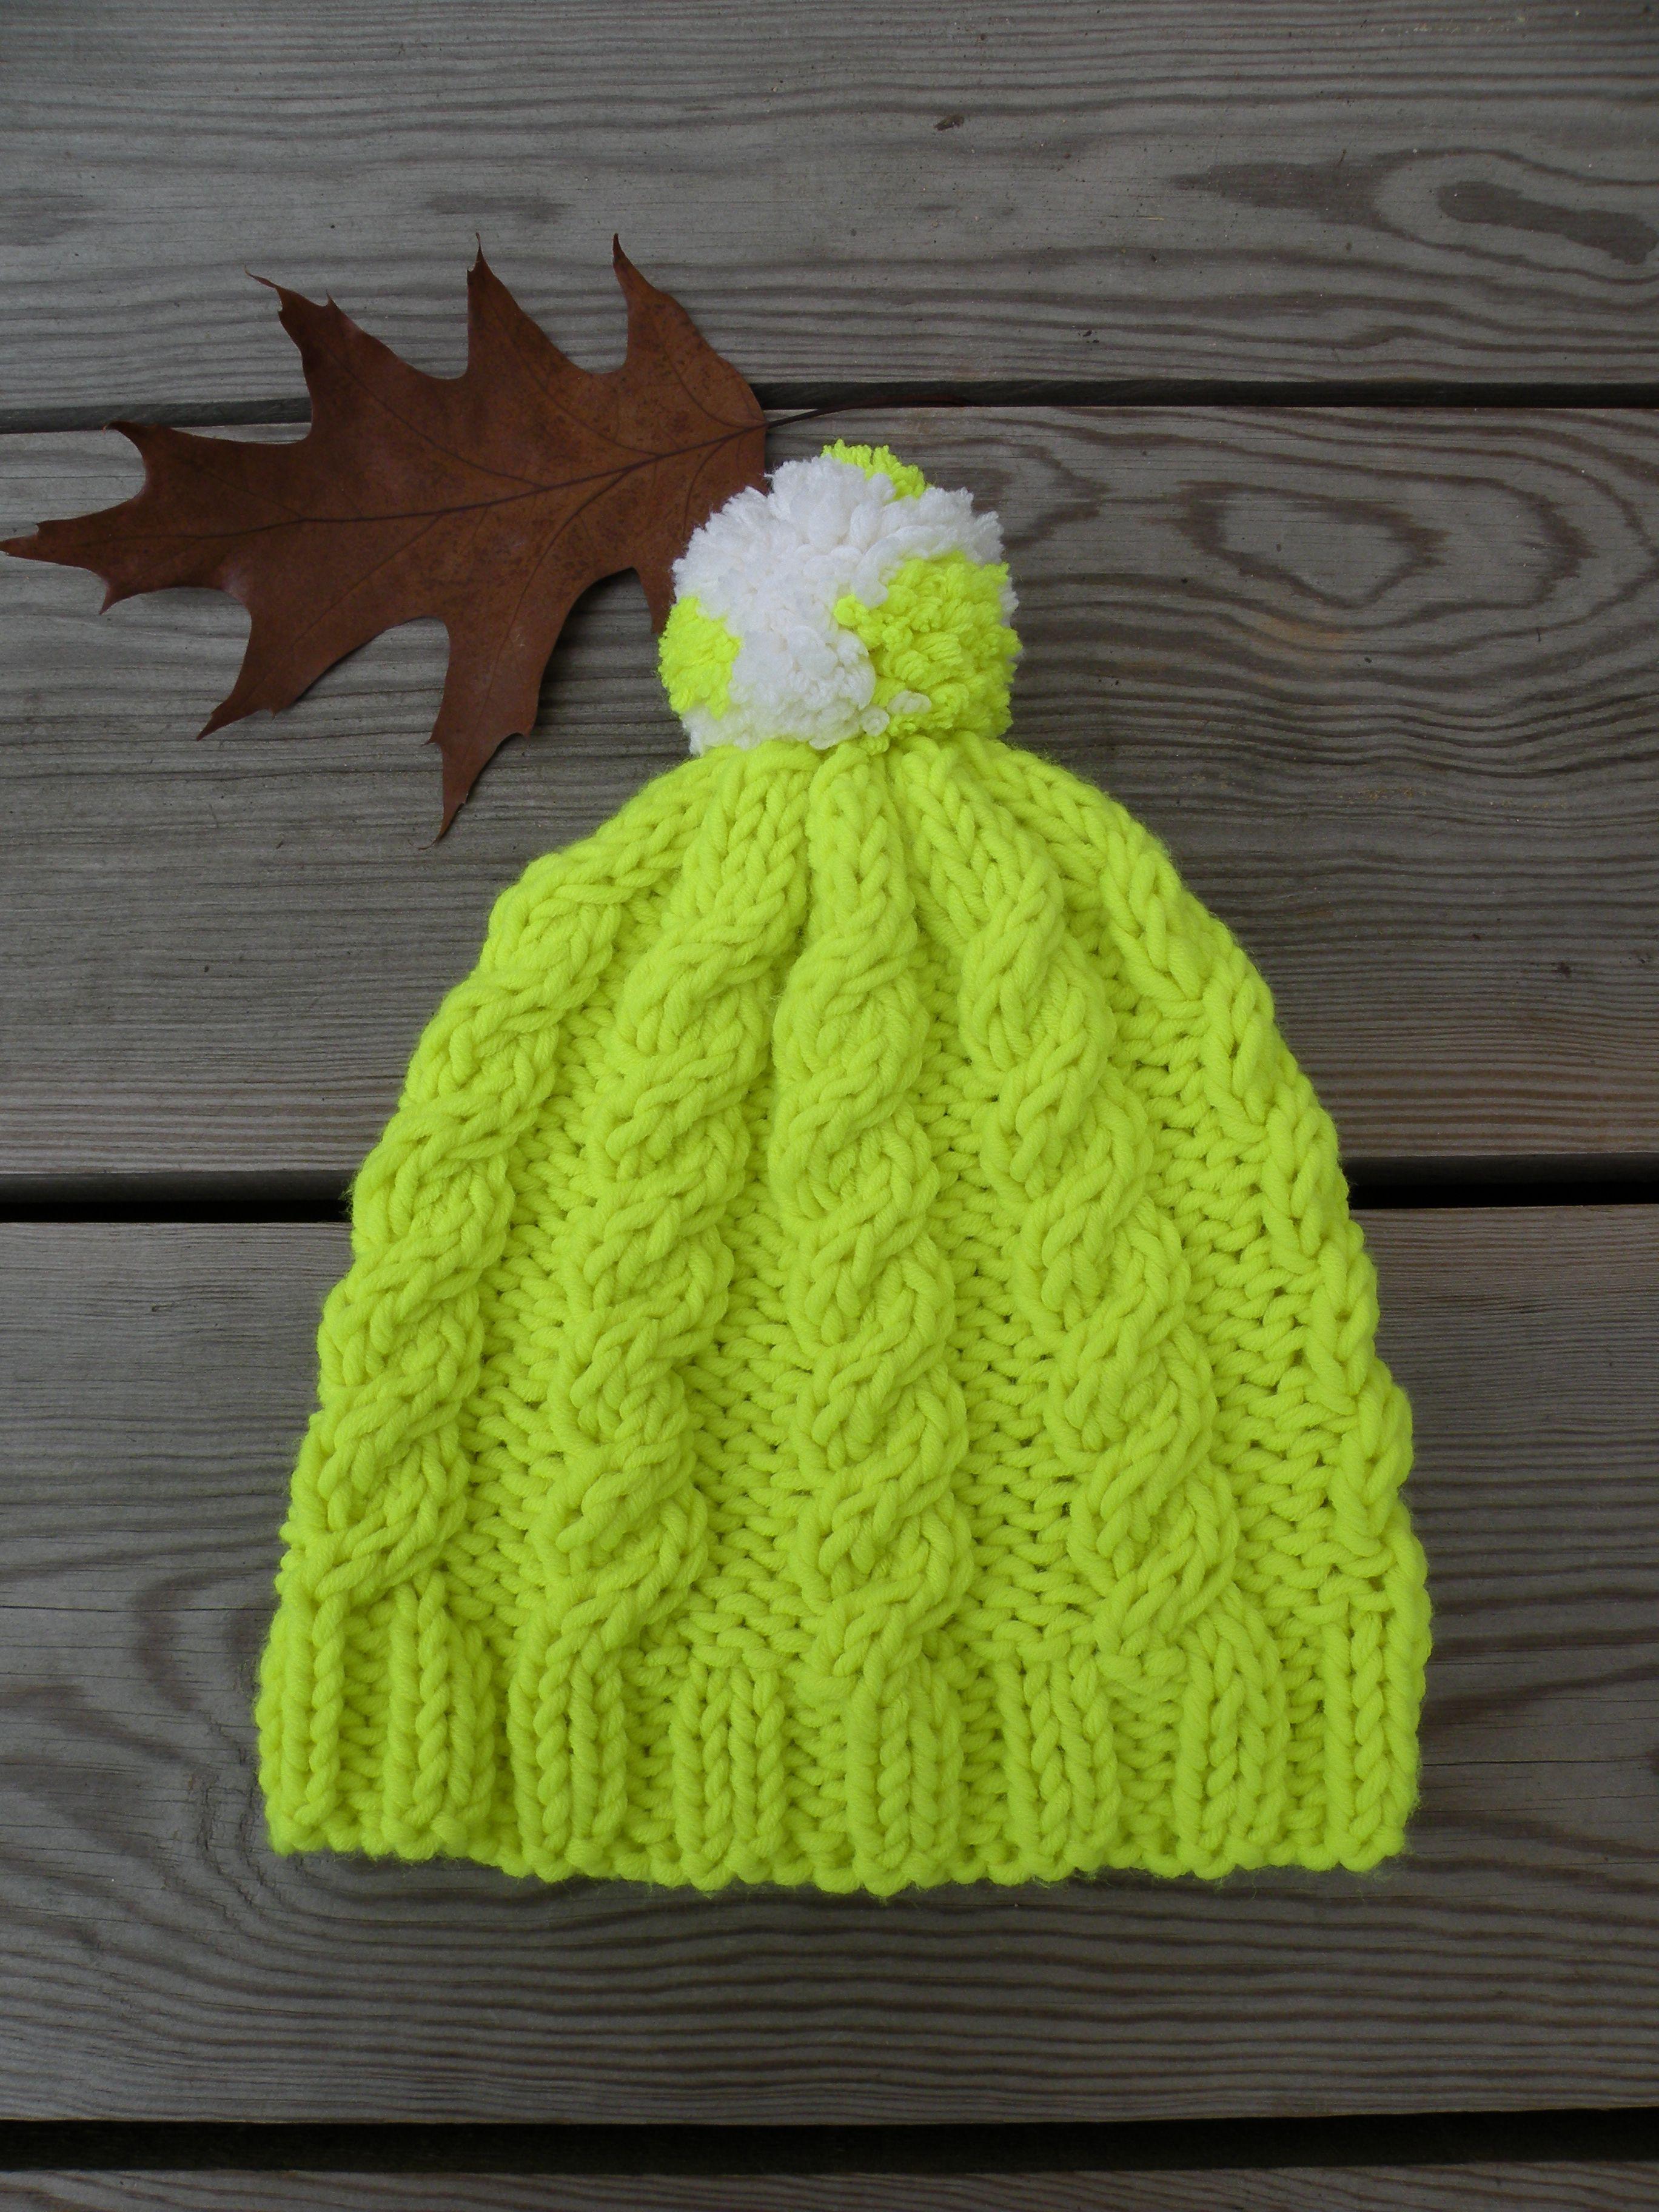 917d815a5963 Bonnet torsadé citron, tricoté avec de grosses aiguilles et de la laine  épaisse. Modèle gratuit en français réalisé par Rosefeedesbelleschoses.com